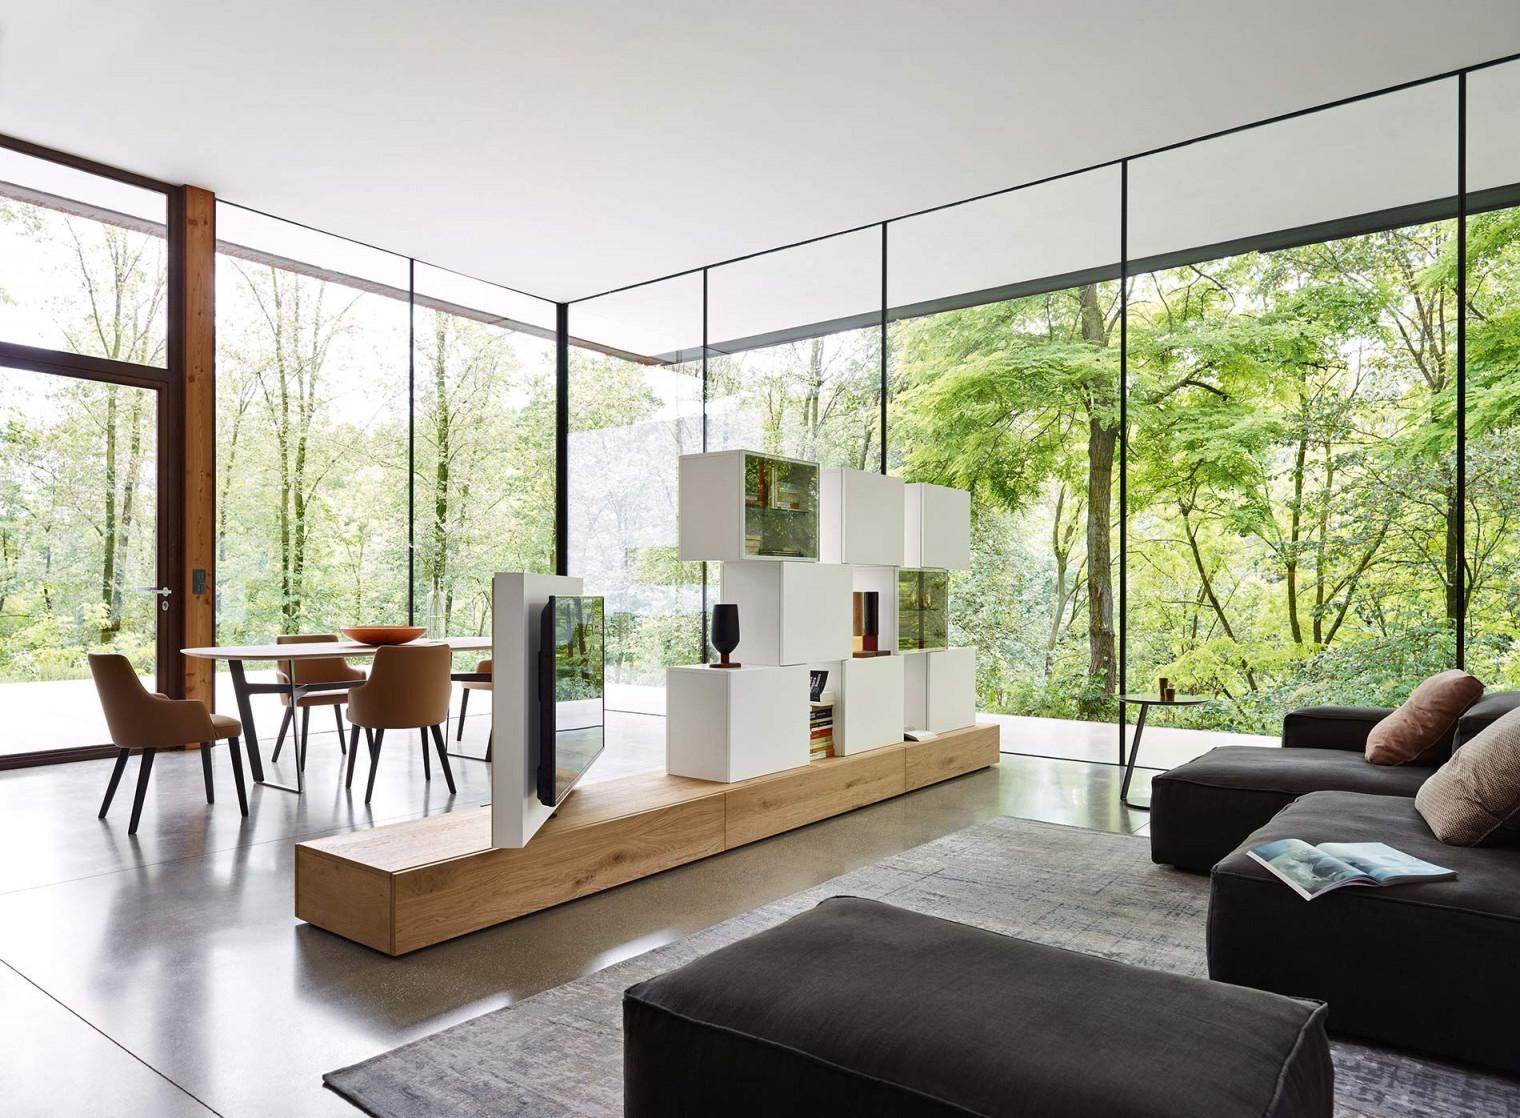 Tv Wohnwand Als Raumteiler  Wohnen Moderne Raumteiler Tv von Raumtrenner Ideen Wohnzimmer Bild